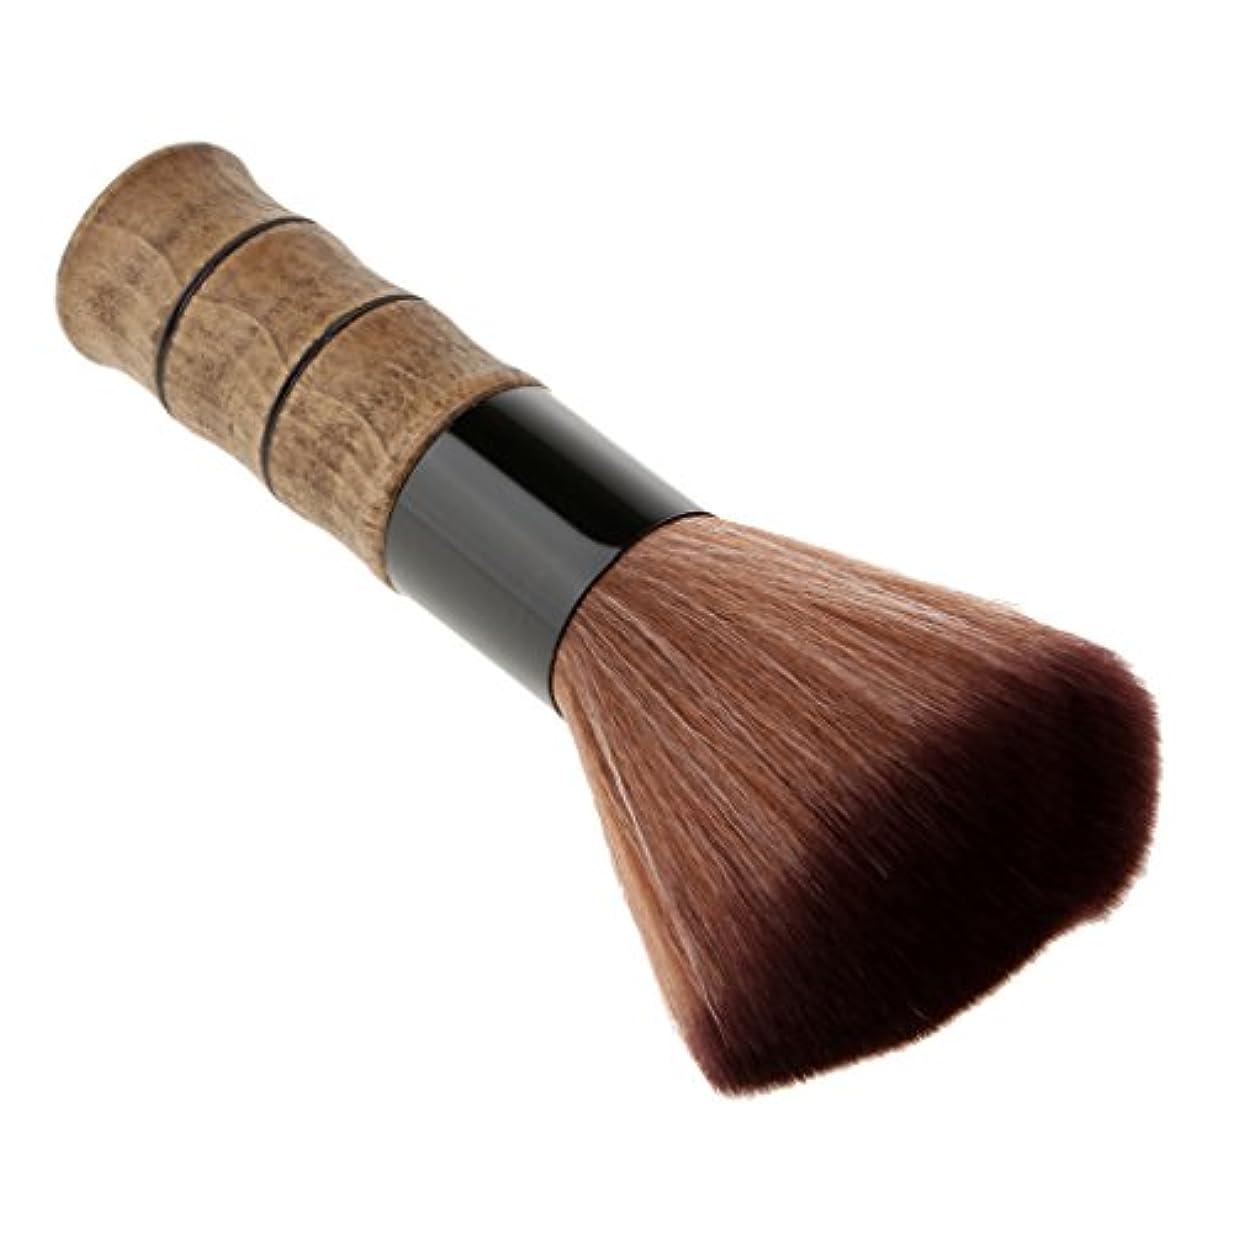 時々時々標準申し立てるシェービングブラシ 洗顔 化粧ブラシ メイクブラシ ソフトファイバー ブラシ スキンケア メイクアップ 高品質 2色選べる - 褐色